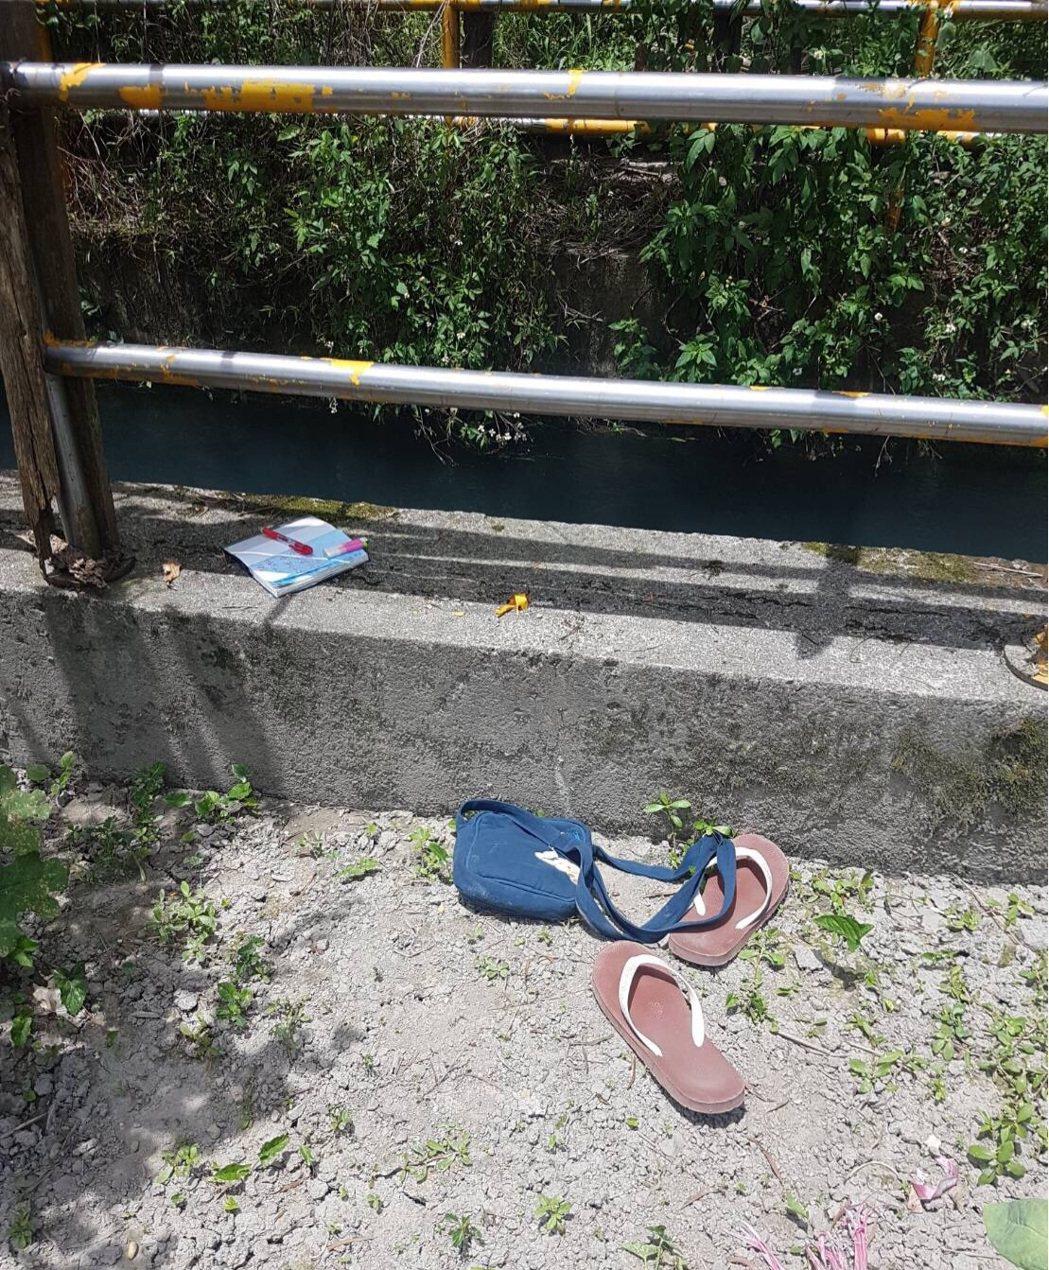 女子將拖鞋、包包及記事本留在水圳旁後,即跳水輕生。記者陳妍霖/翻攝